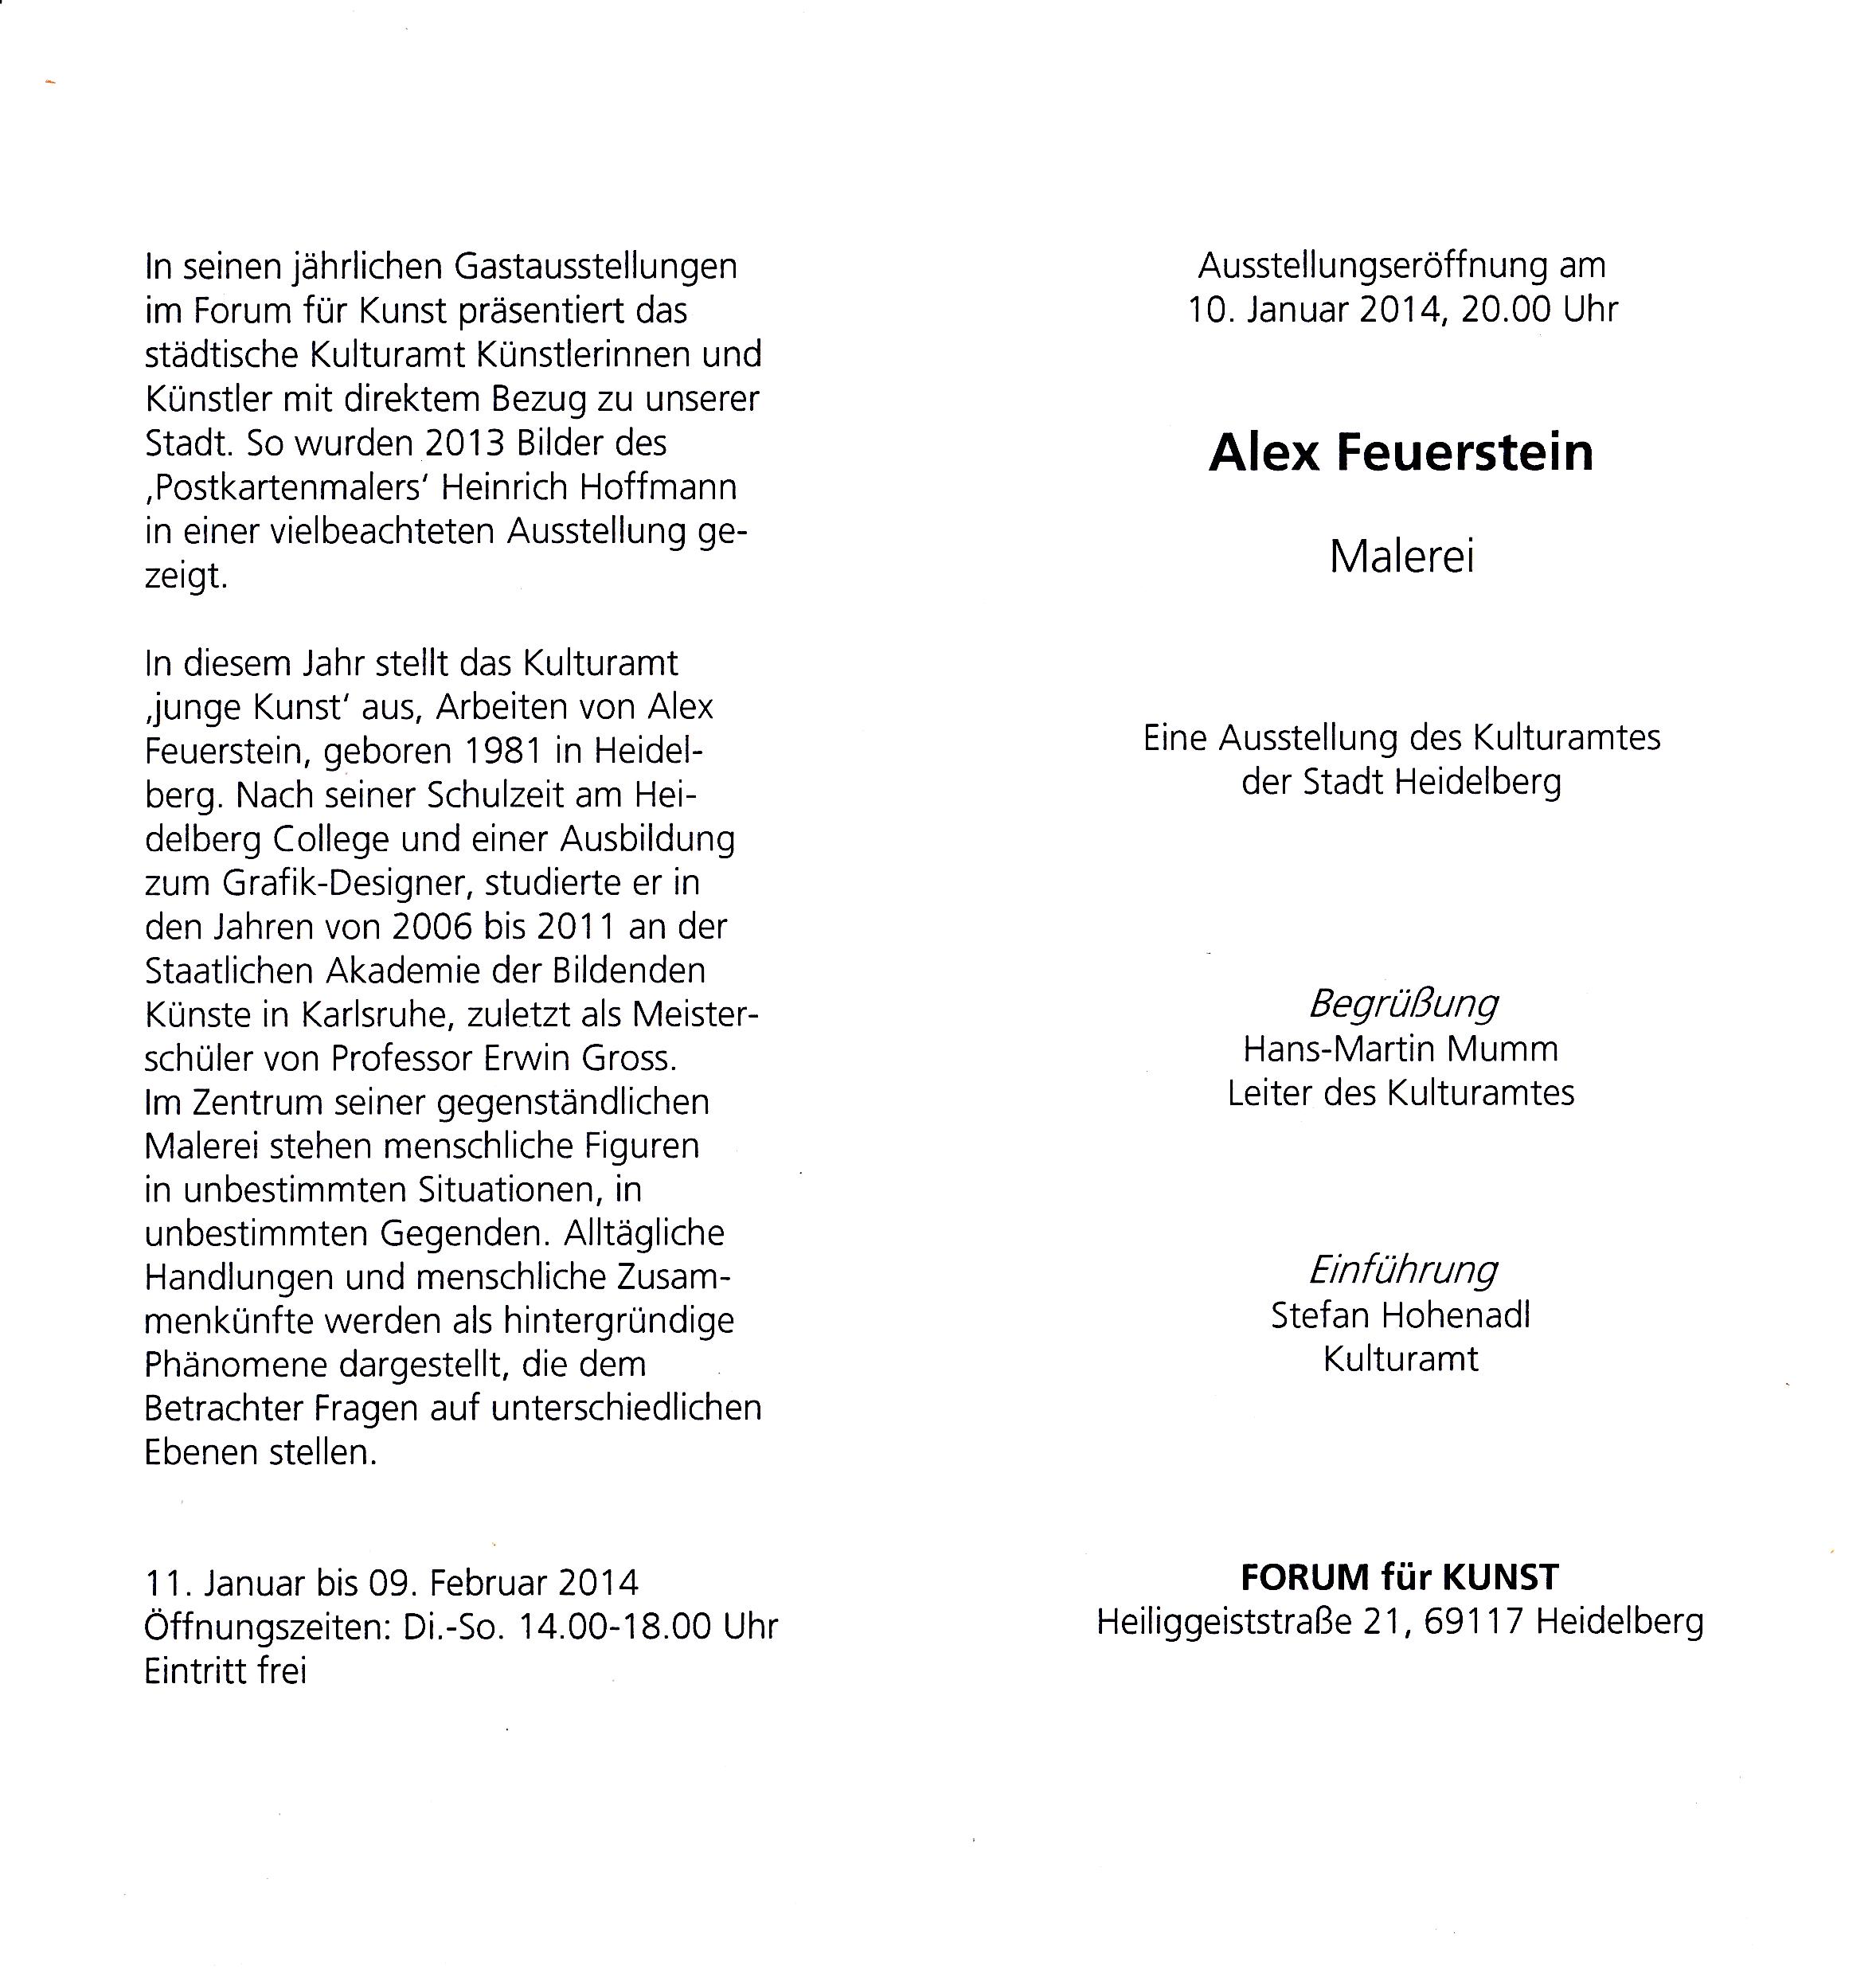 Alex Feuerstein